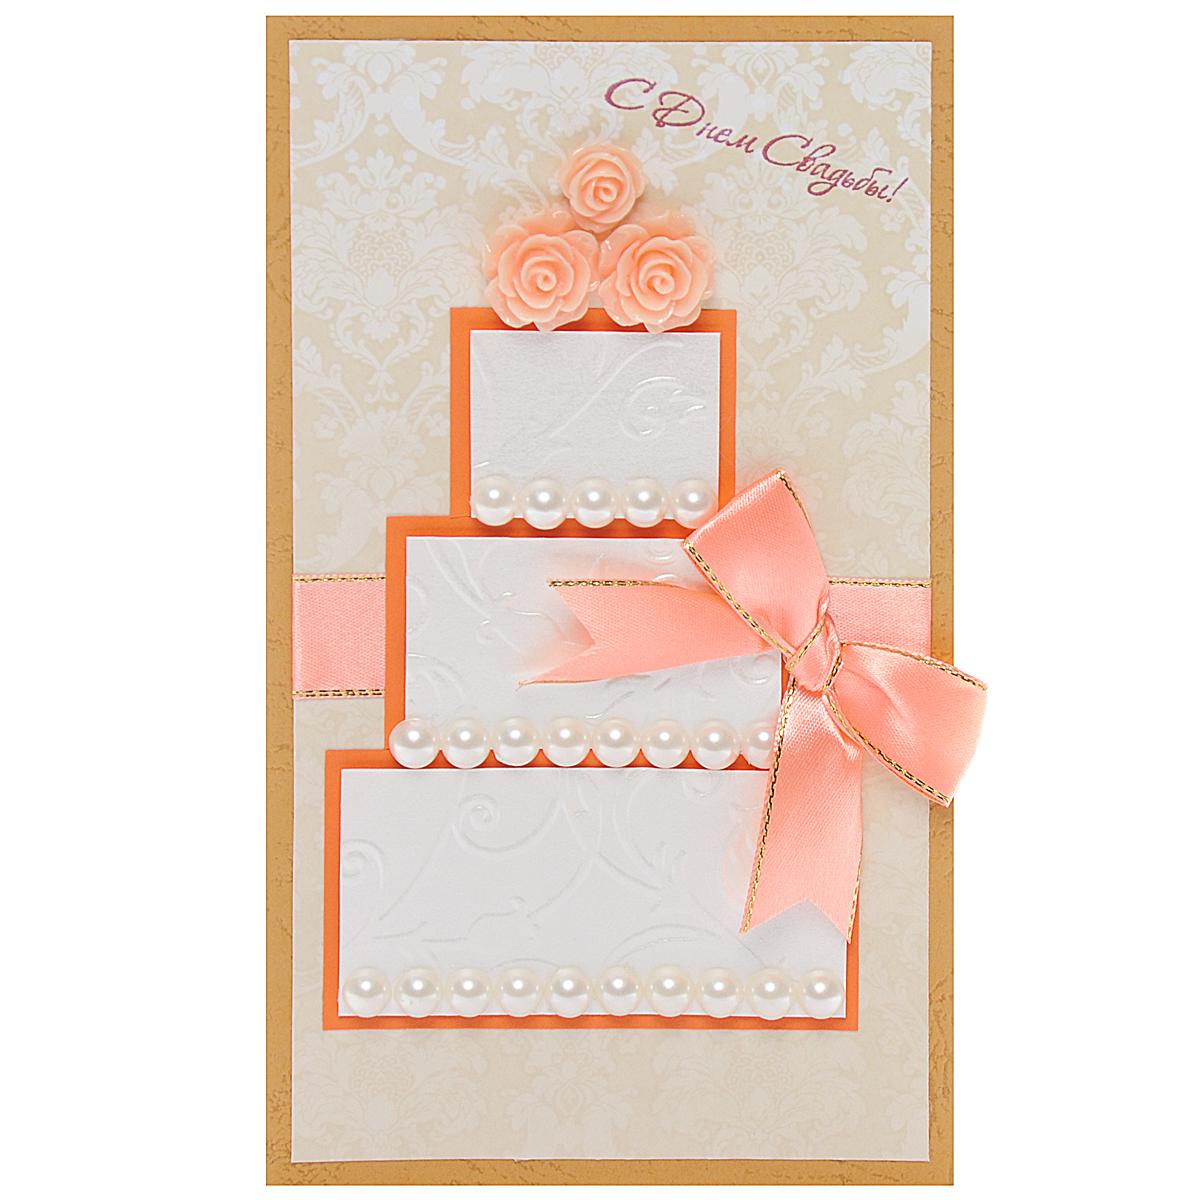 Открытка-конверт С Днем Свадьбы!. Студия Тетя РозаSvS10-001Открытка выполнена из высокохудожественного картона, выполнена в виде трехъярусного торта, украшена нежной персиковой лентой, пластиковыми бусами и тремя розочками ручной работы. Может стать как прекрасным дополнением к вашему подарку, так и самостоятельным подарком, так как открытка одновременно является и конвертом, в который вы можете вложить ваш денежный подарок или подарочный сертификат, или же просто написать ваши пожелания на вкладыше.Открытки ручной работы от студии Тетя Роза отличаются своим неповторимым и ярким стилем. Каждая уникальна и выполнена вручную мастерами студии. Открытка упакована в пакетик для сохранности. Обращаем ваше внимание на то, что открытка может незначительно отличаться от представленной на фото.